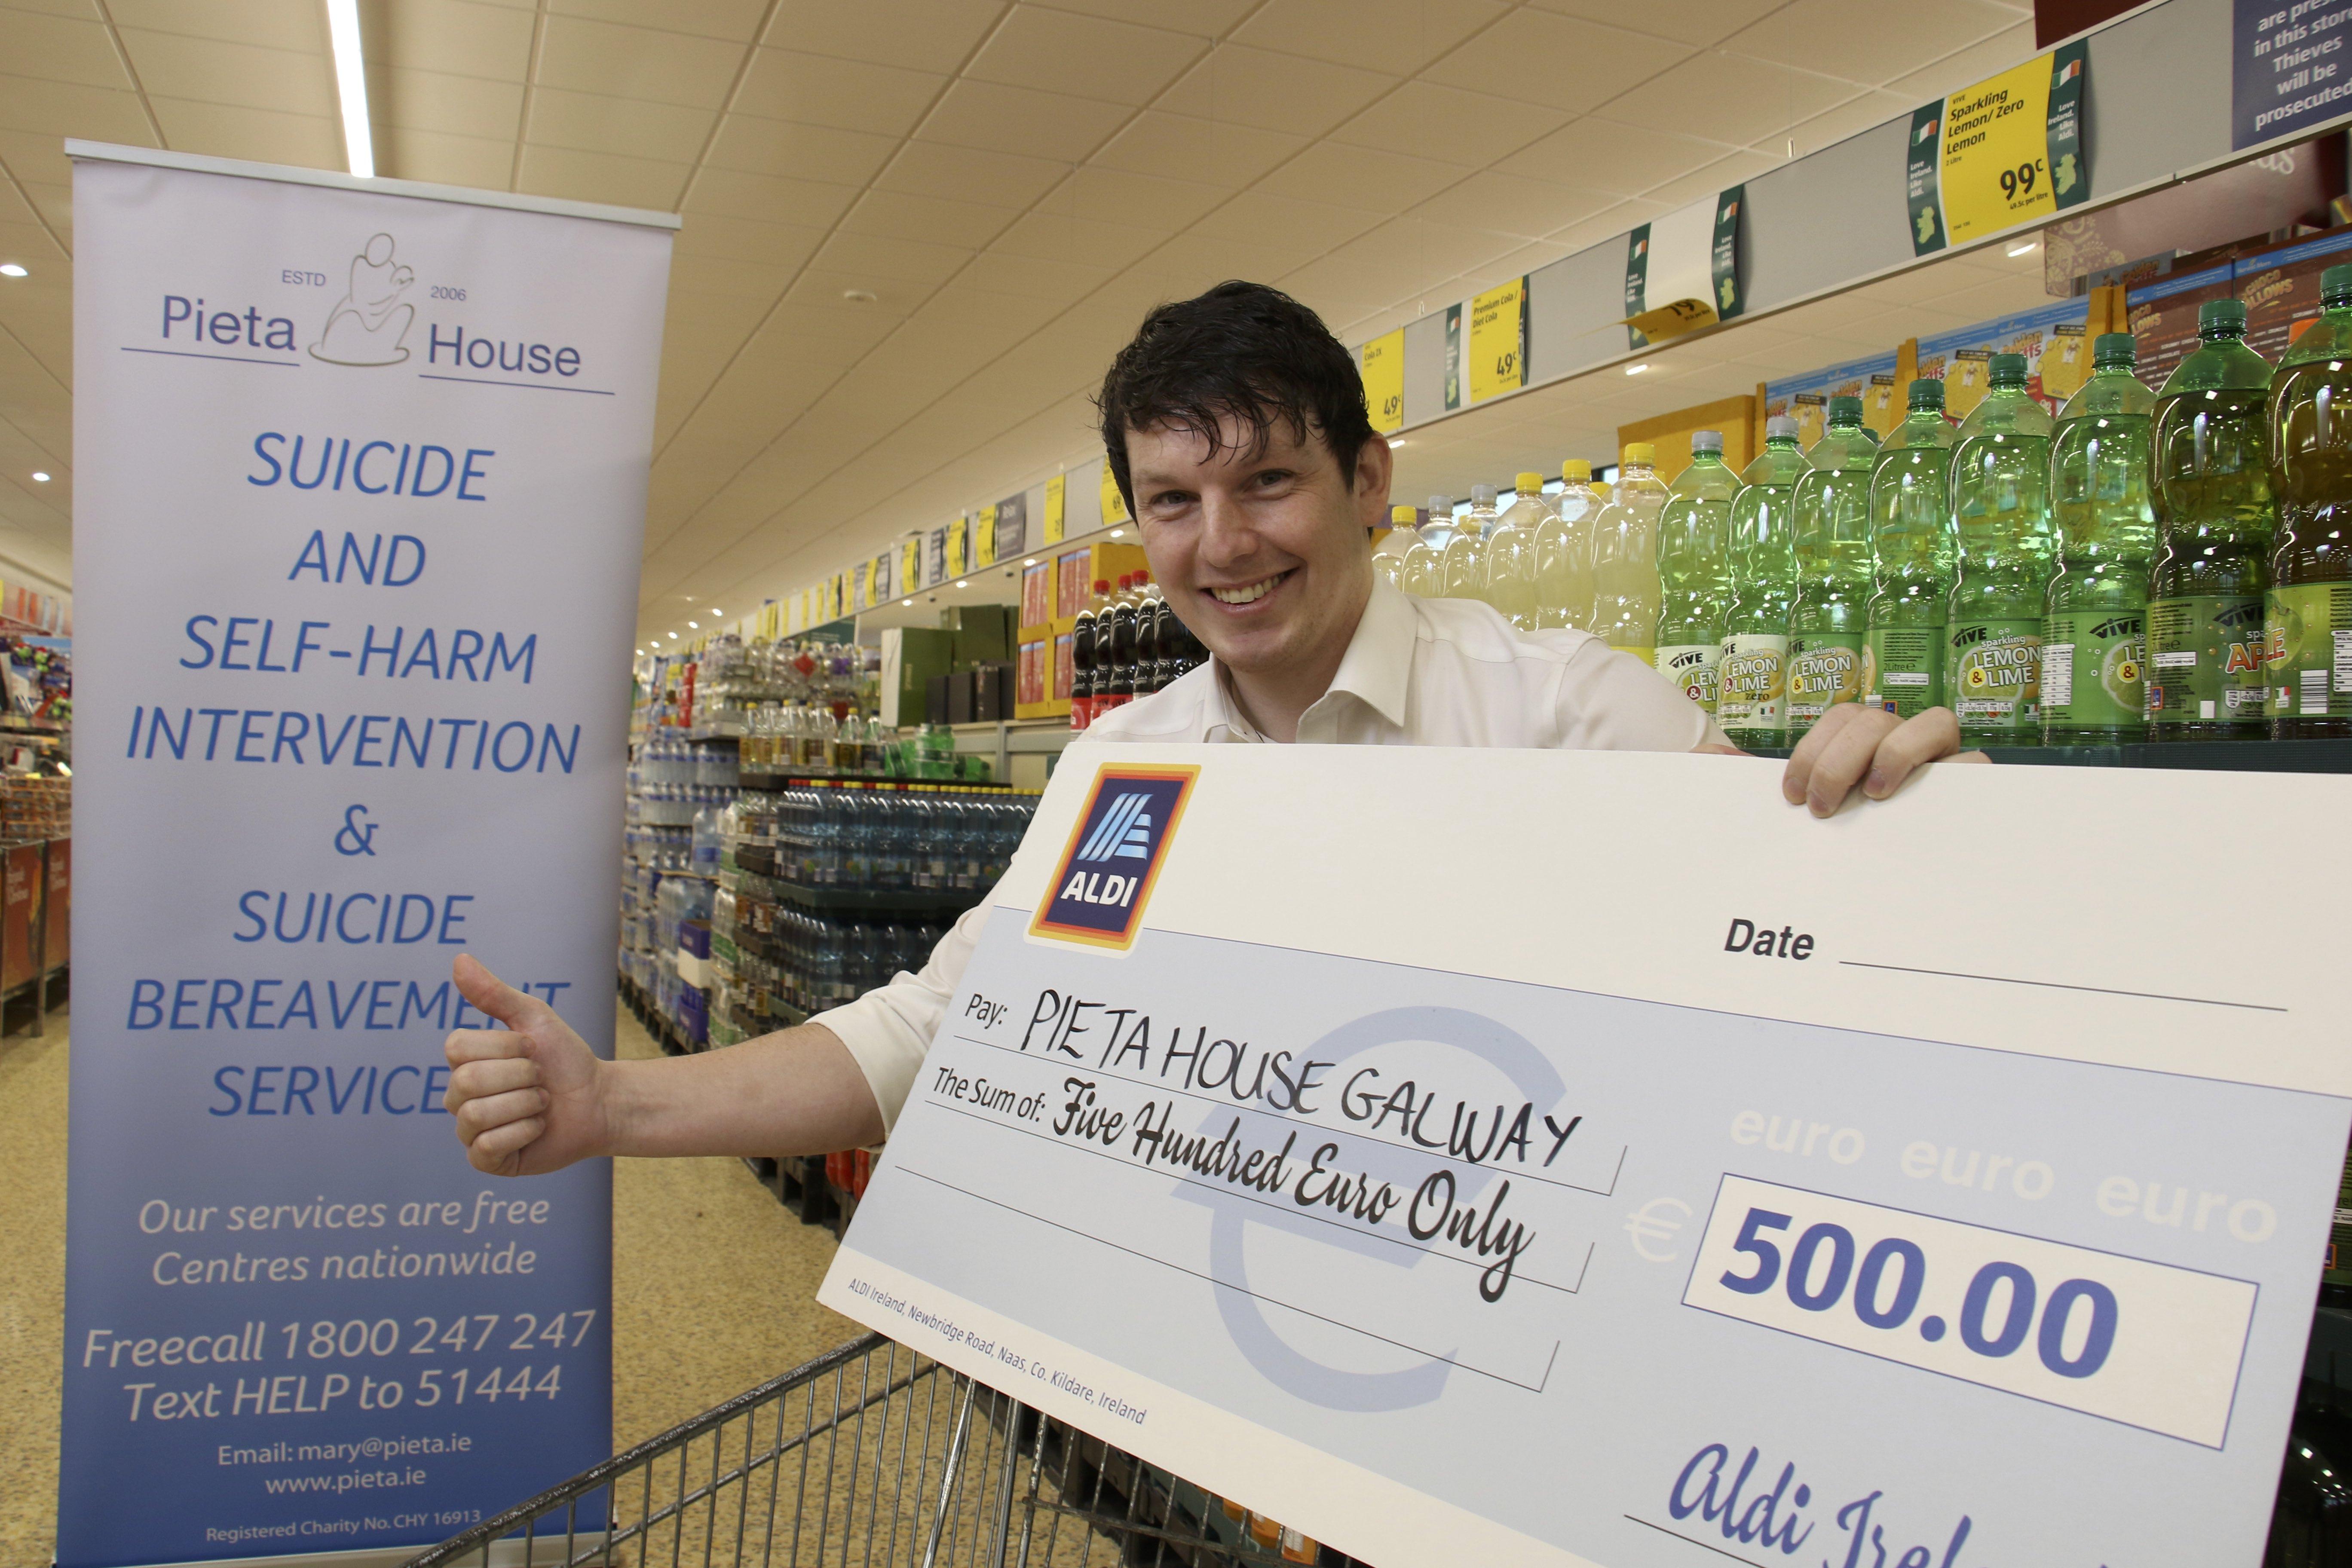 Local Aldi staff award Pieta House €500 grant to support vital services